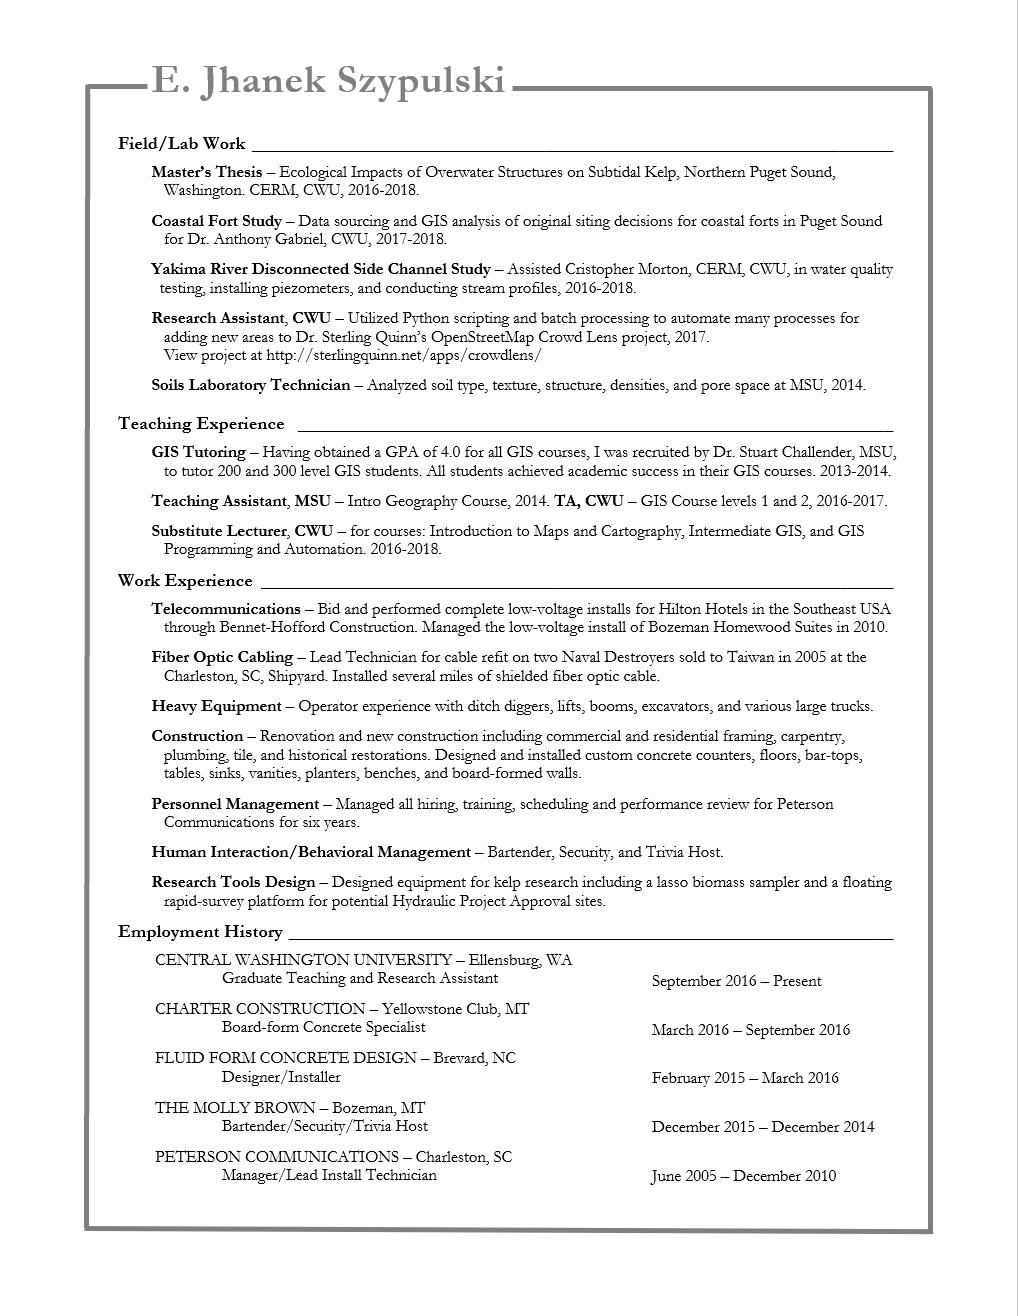 Jhanek Szypulski - Resume pg 2